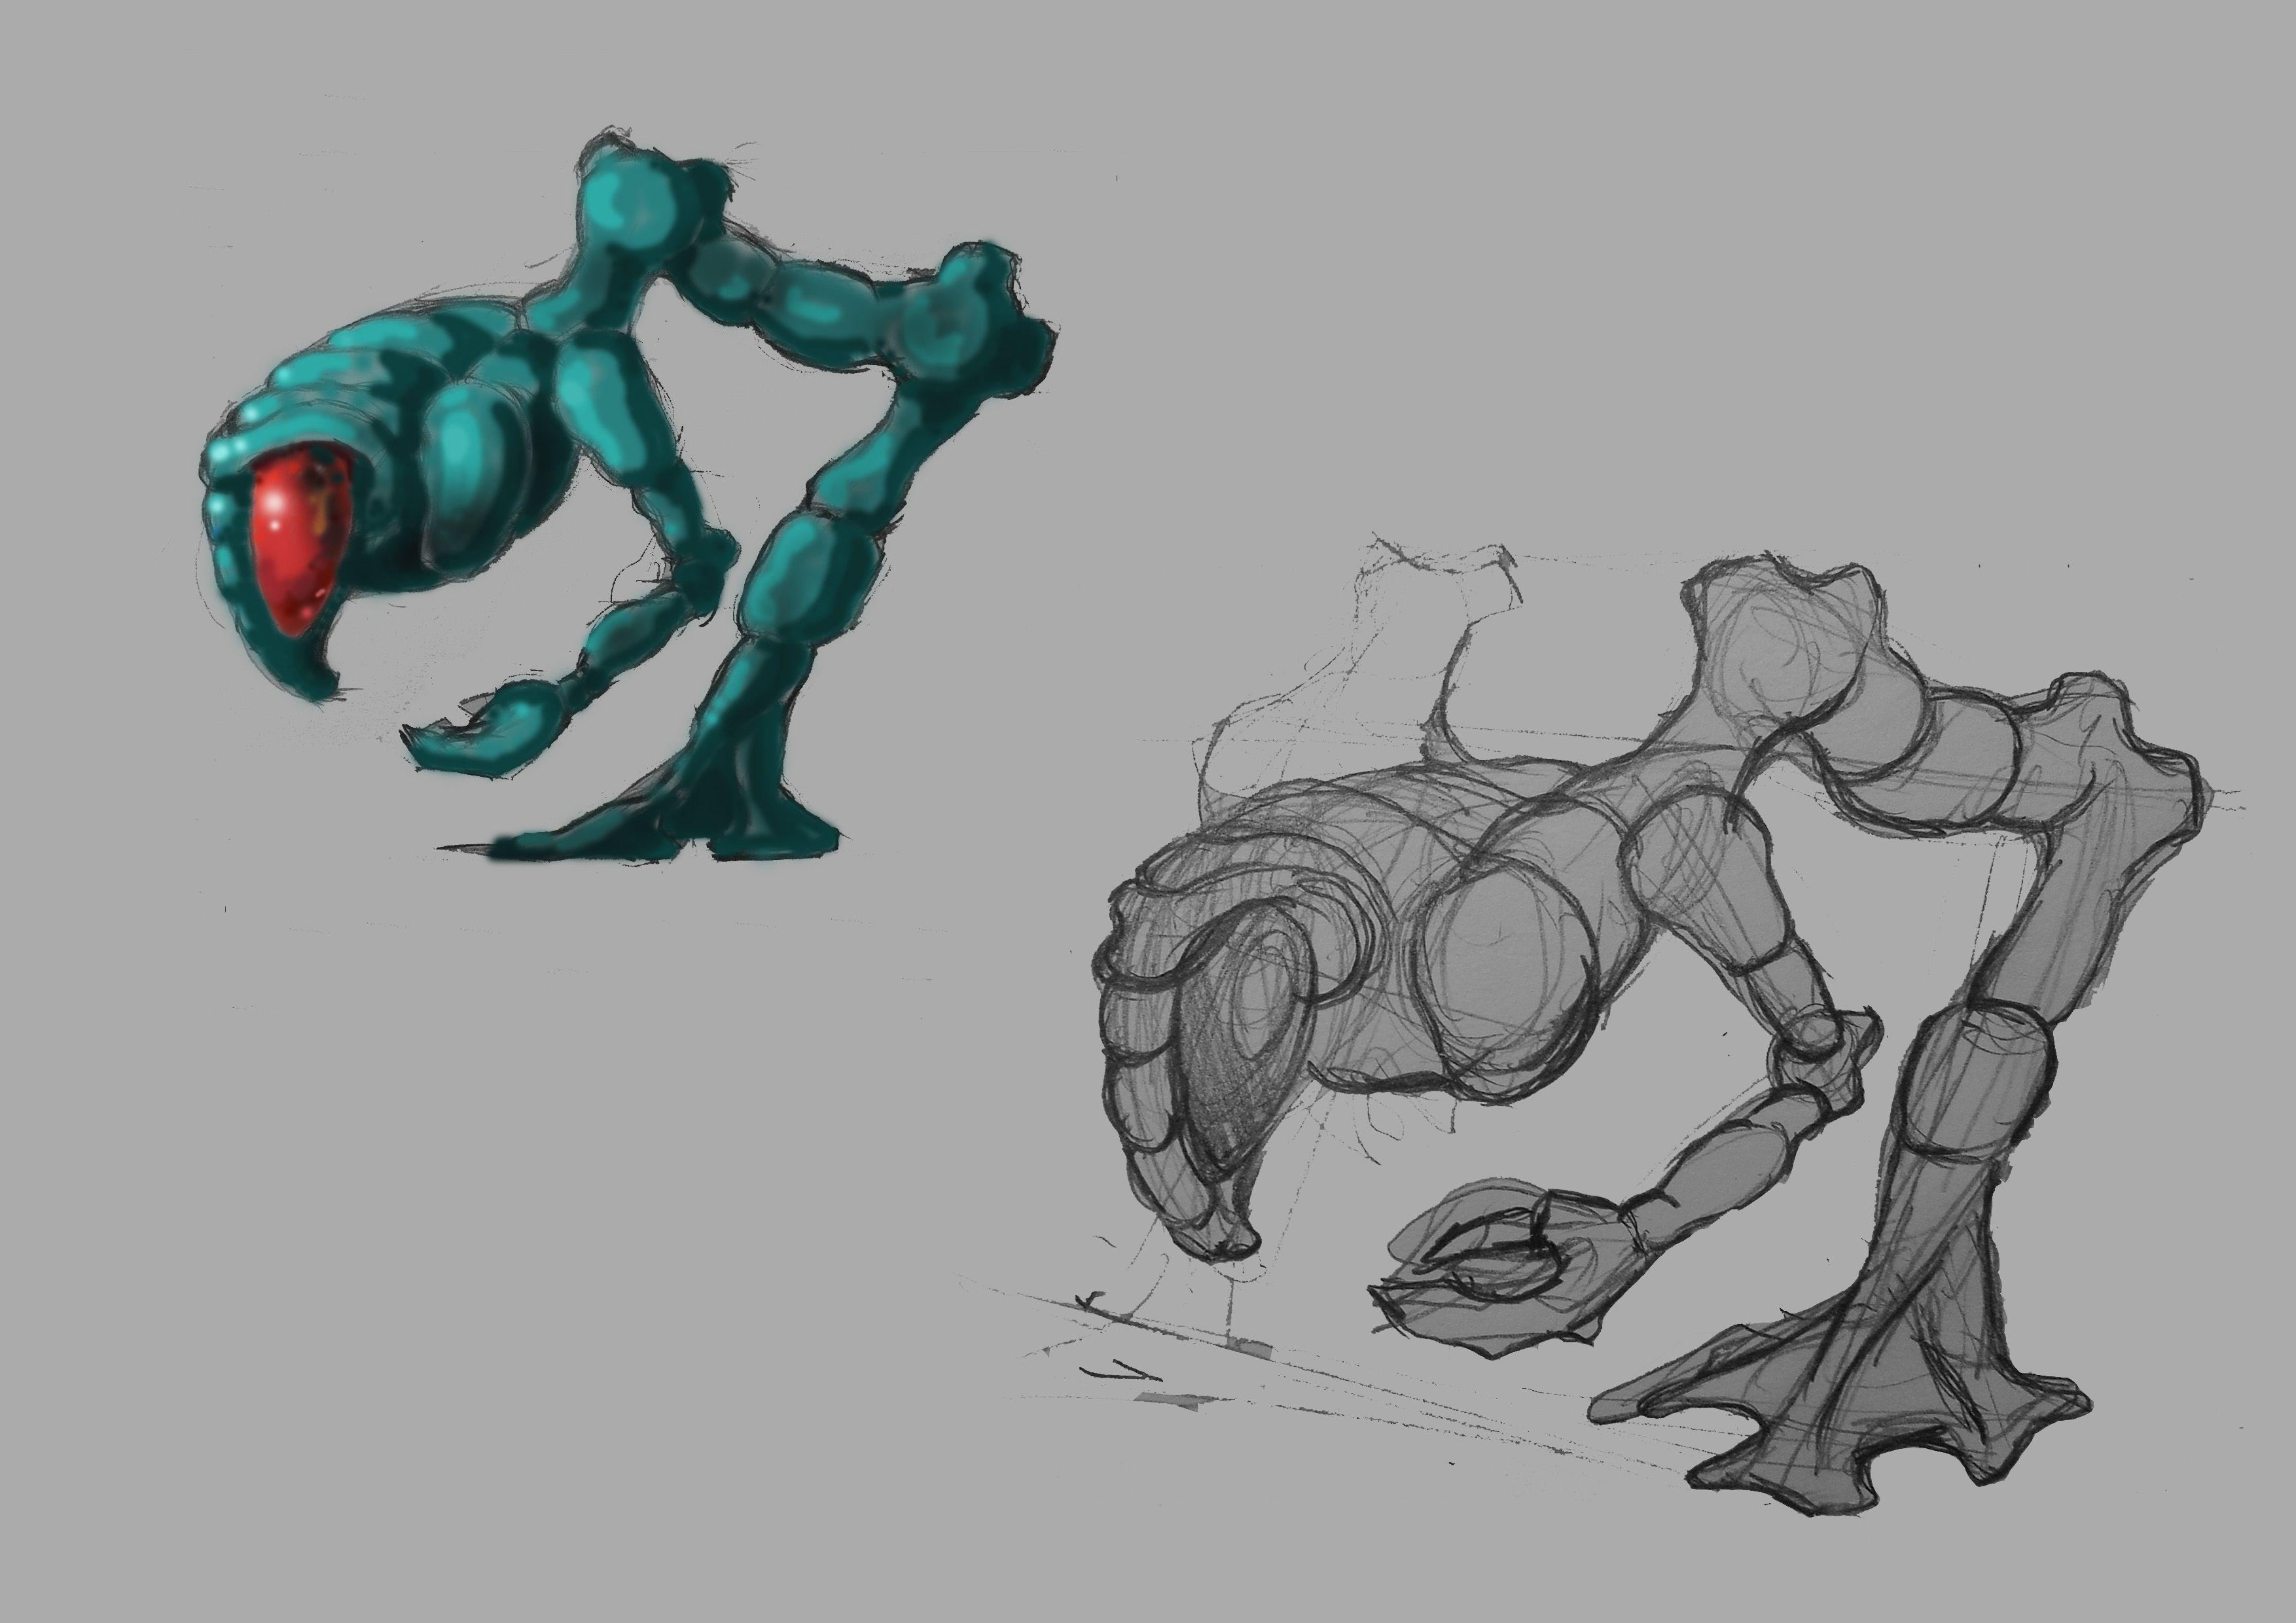 Нужен скетч персонажа для игры - дизайнер Gloryveid